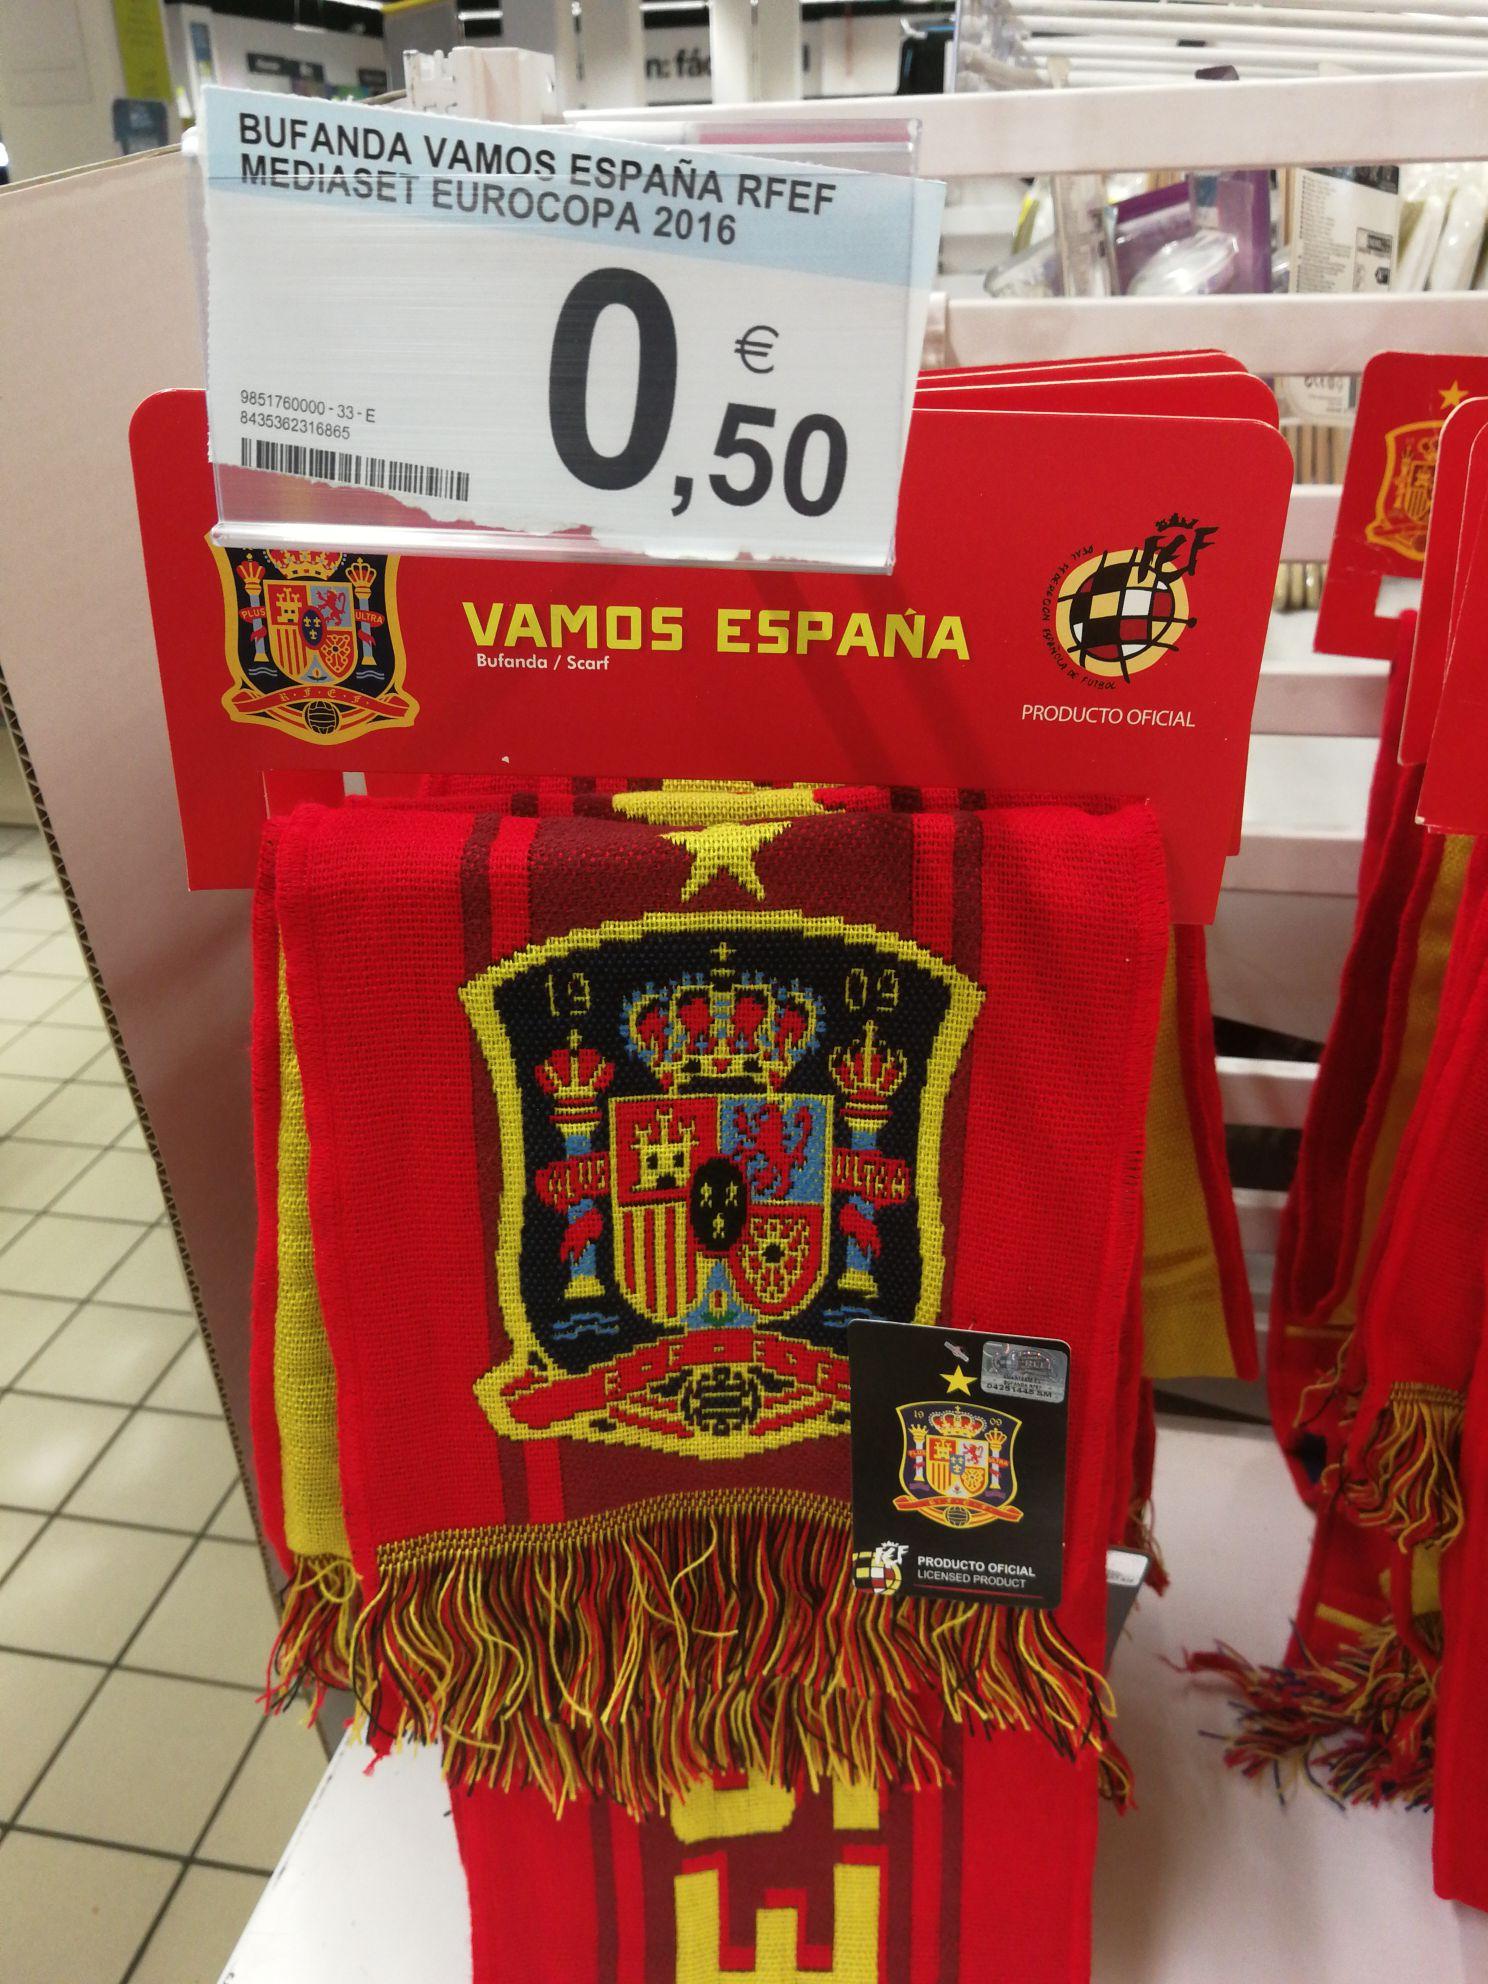 Bufanda Vamos España en Carrefour Madrid Sur